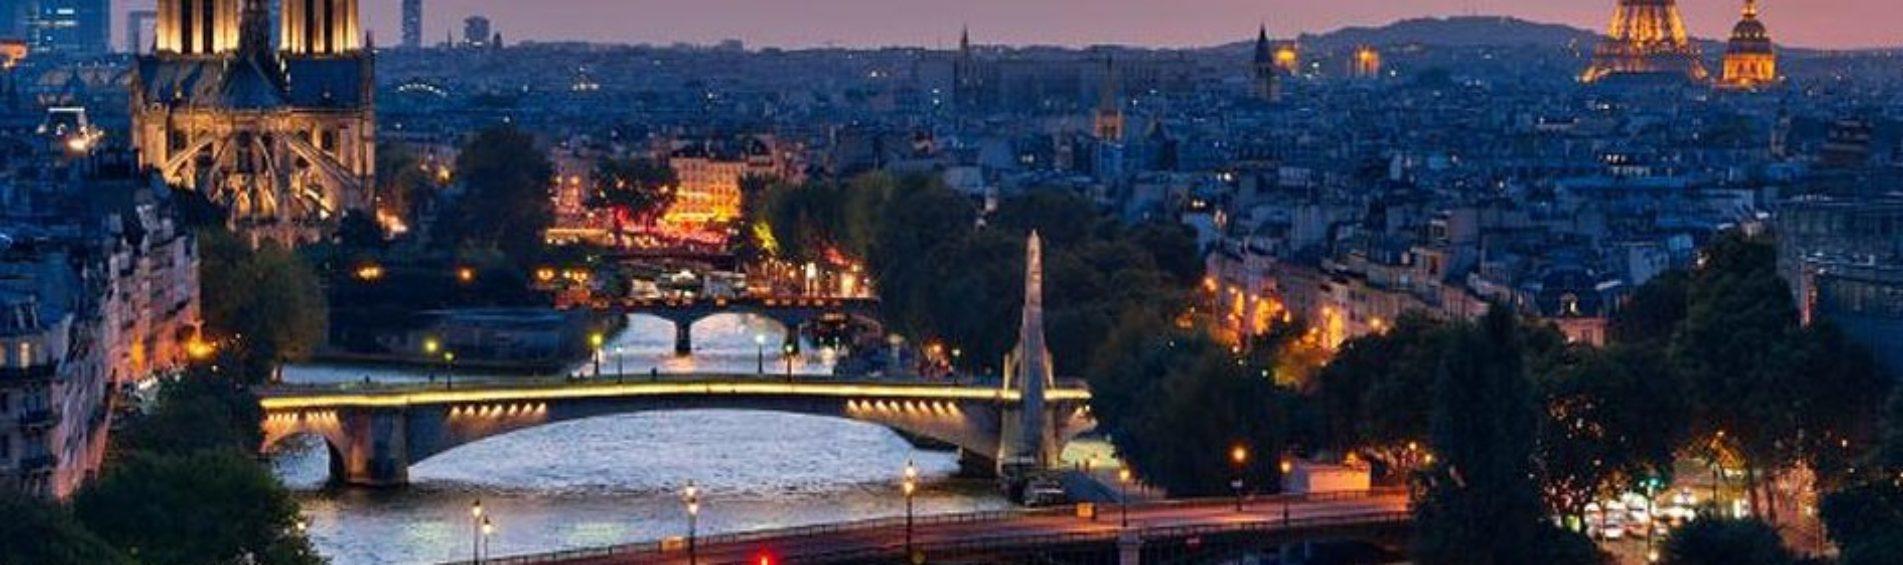 Comment choisir son dîner croisière à Paris sur la Seine